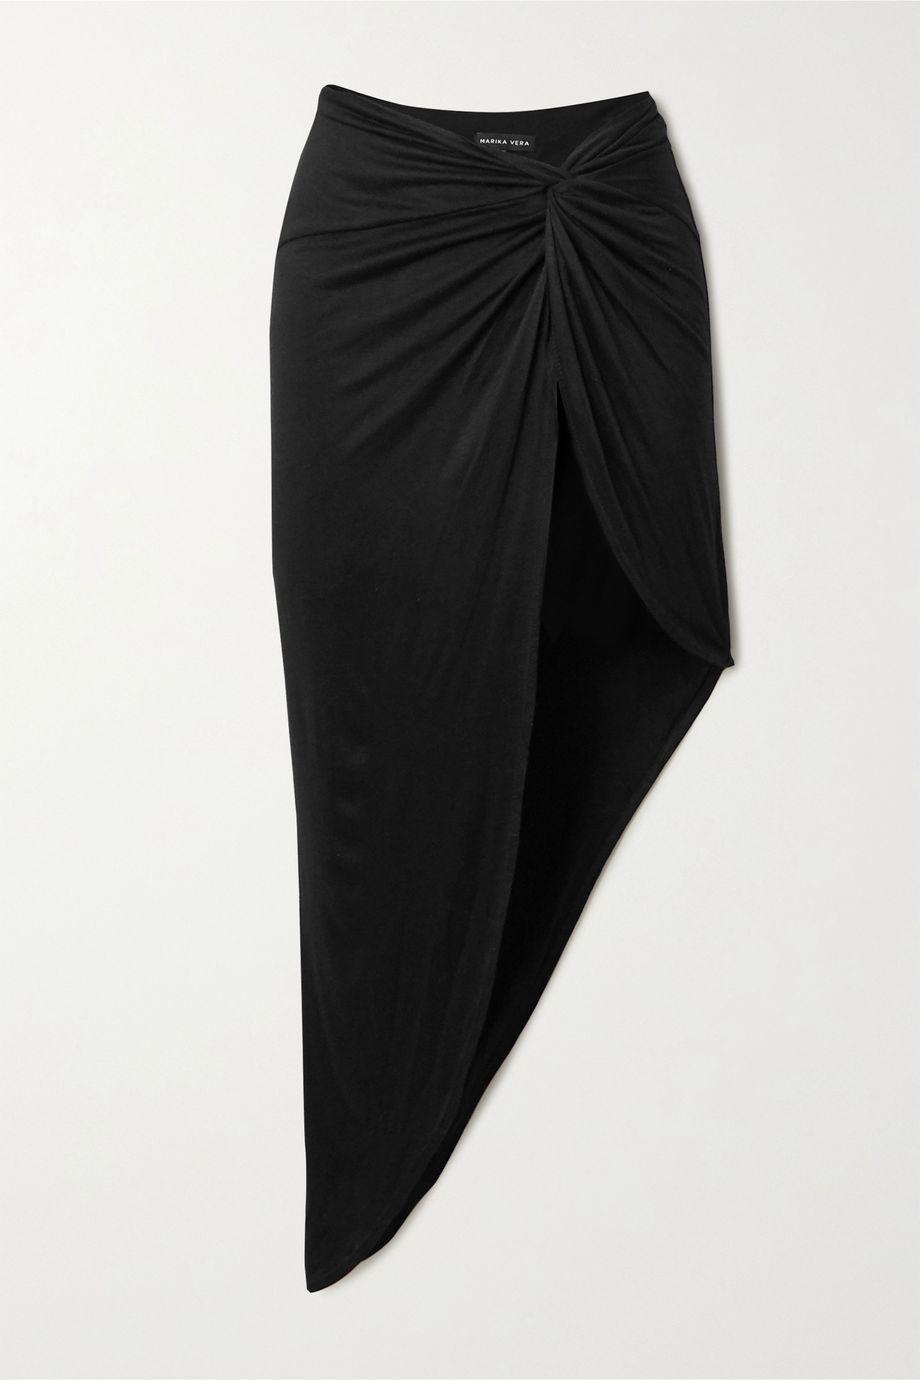 Marika Vera Grace knotted asymmetric stretch-jersey skirt